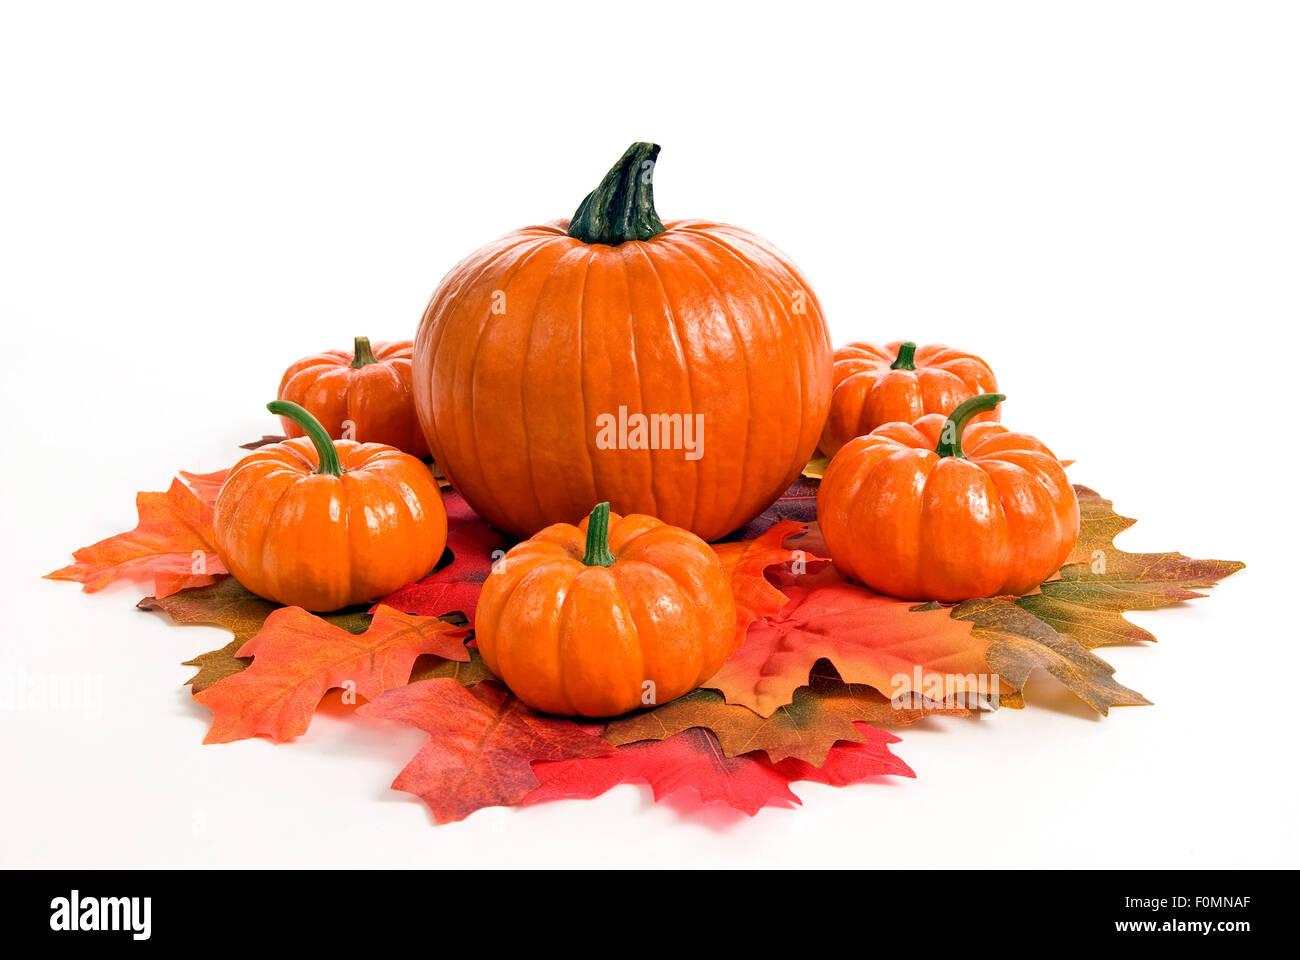 Autumn Or Fall Pumpkin Centerpiece Arrangement Stock Photo